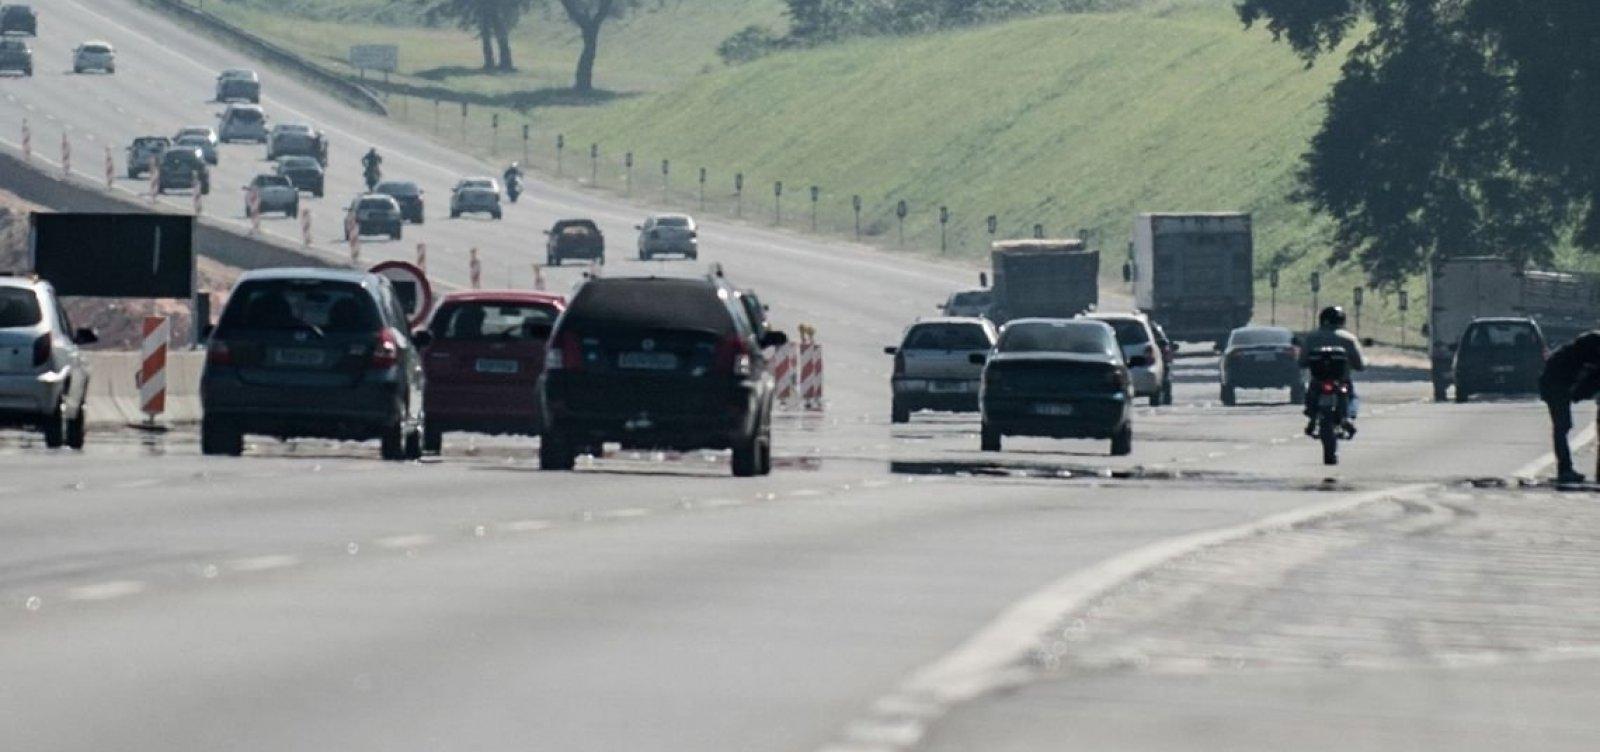 [Número de motoristas que podem pedir restituição do DPVAT 2020 dobra e chega a 4 milhões]